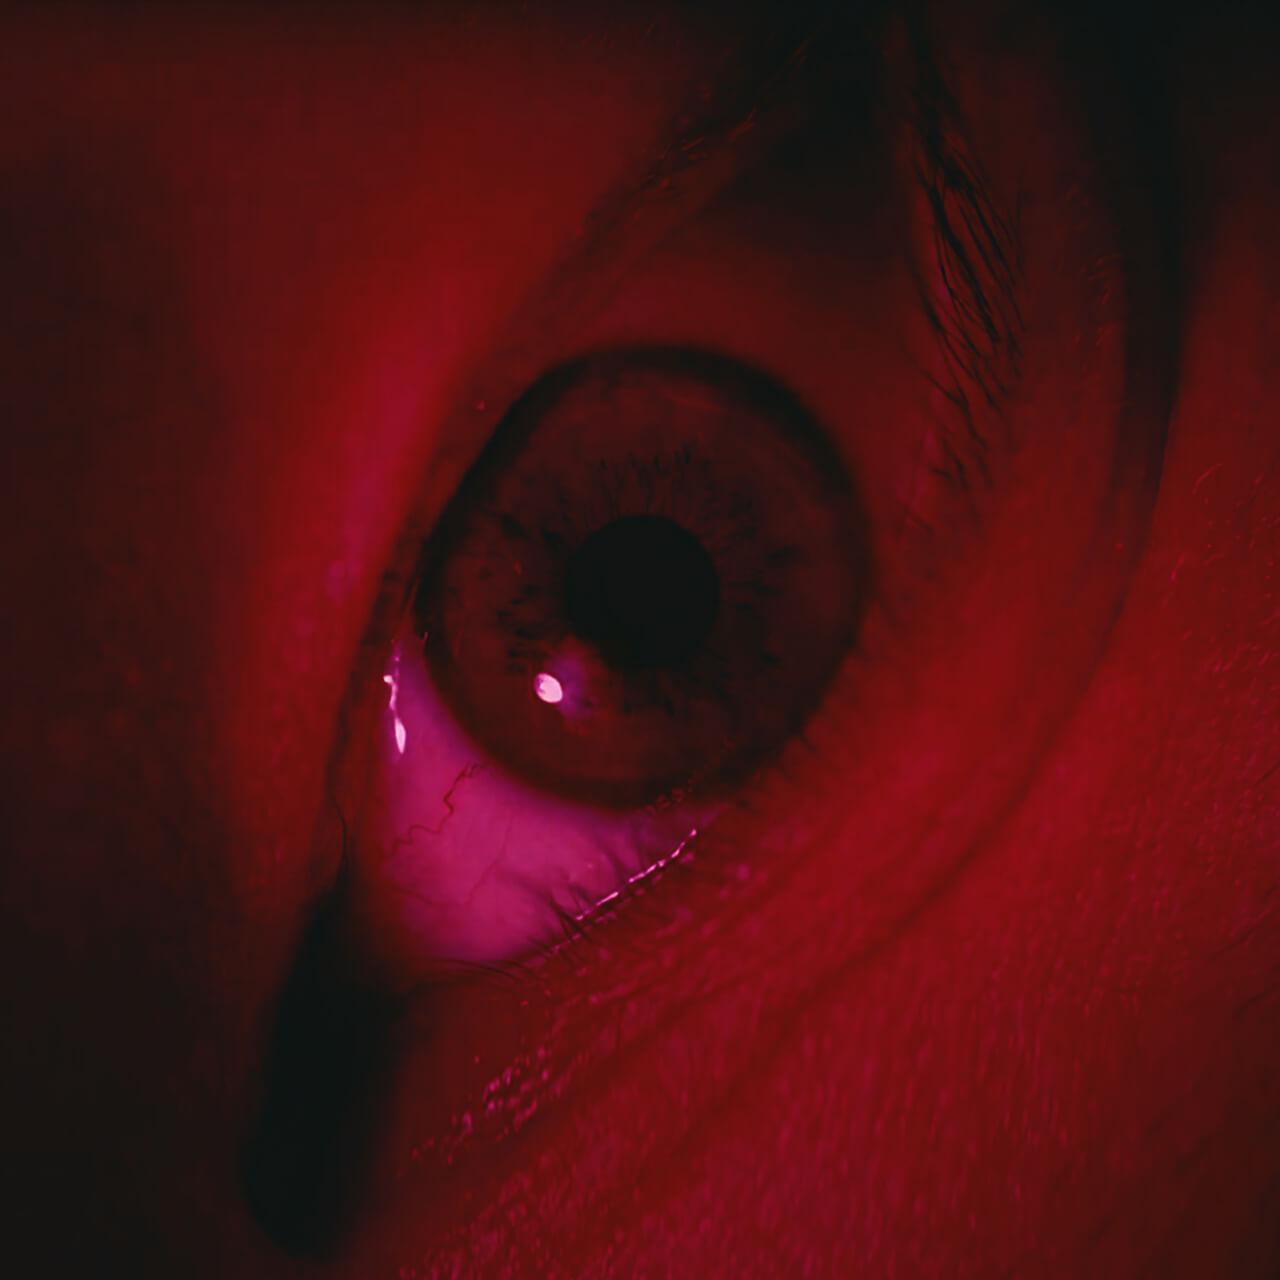 全部血になる──ATSUKI率いるBASICAとJinmenusagiによるコラボシングルがリリース music210714-basica-jinmenusagi-1